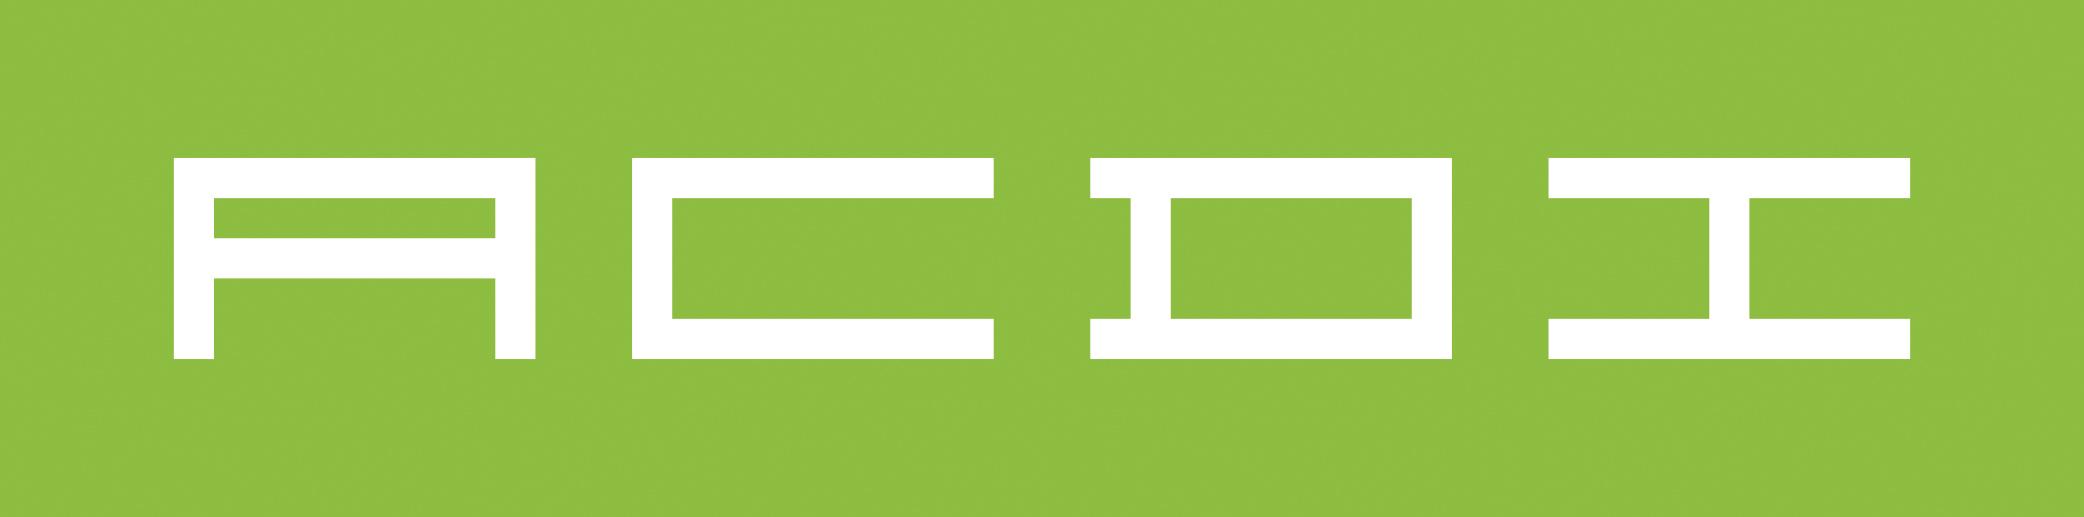 ACDI_Green_Logo.jpg